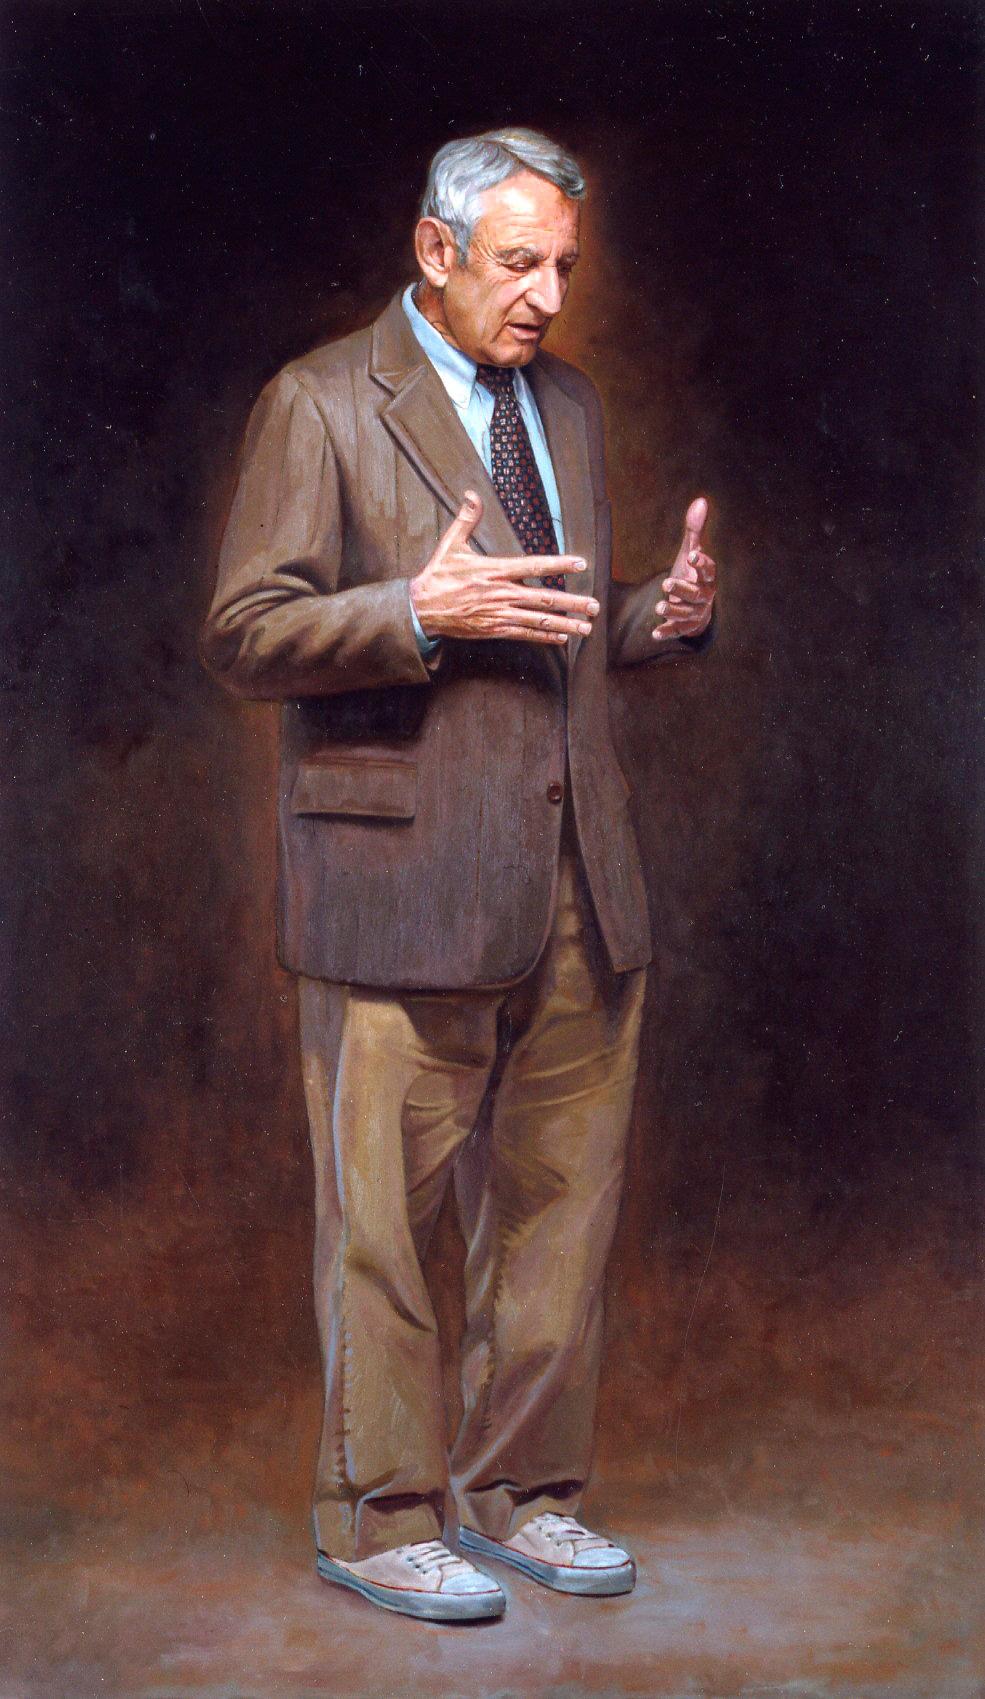 Charles Reich, Yale Law School